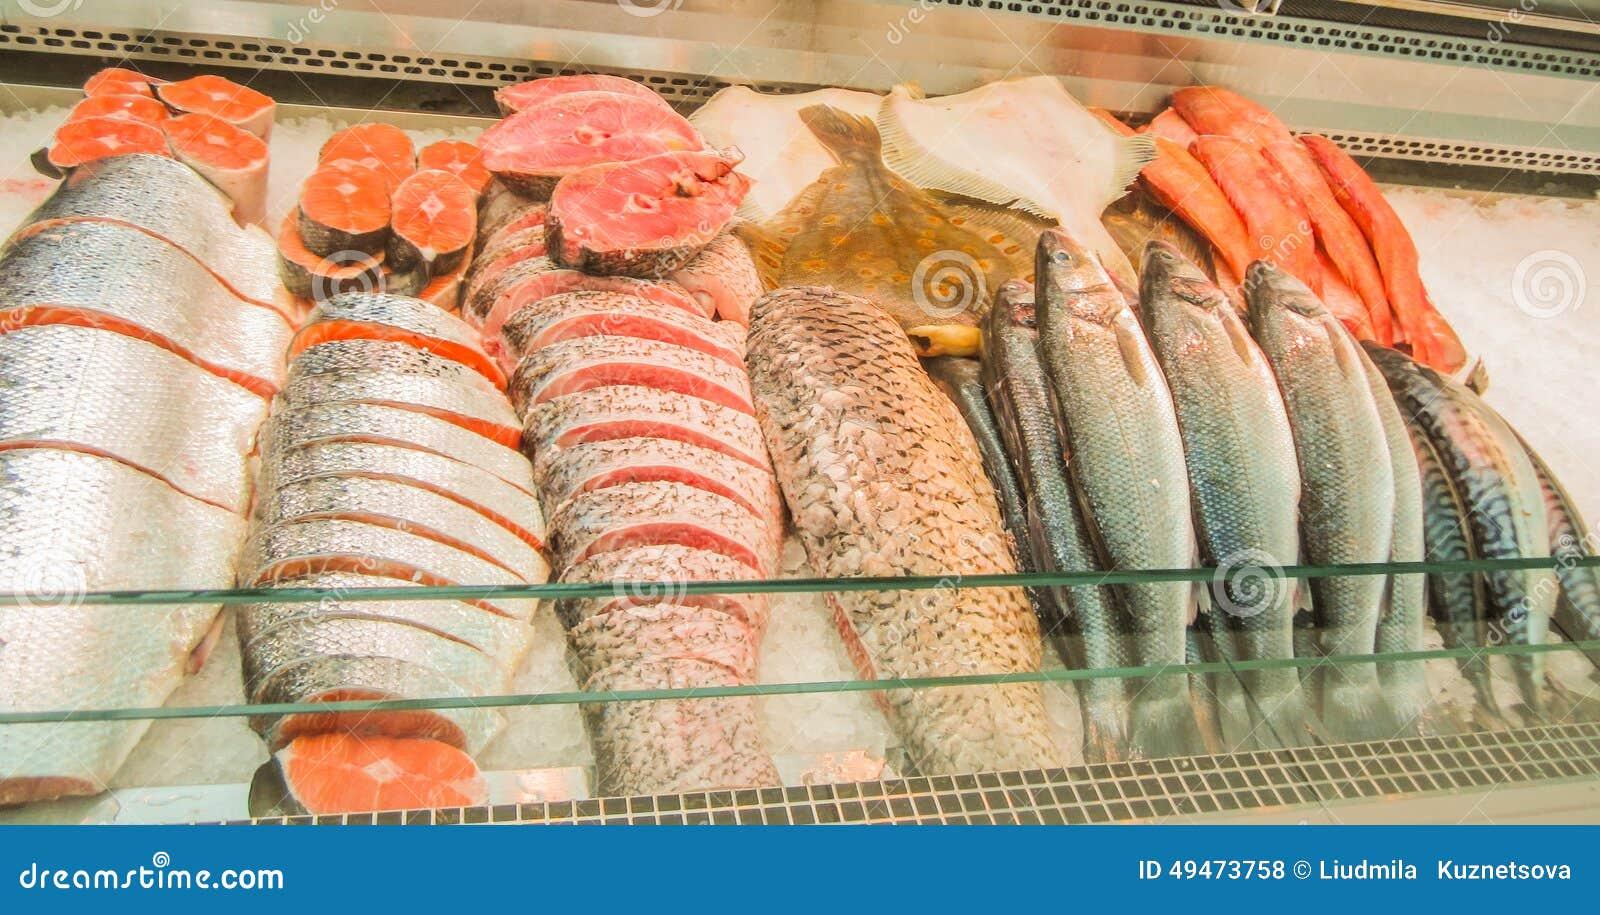 Rohe Fische bereit zum Verkauf im Markt